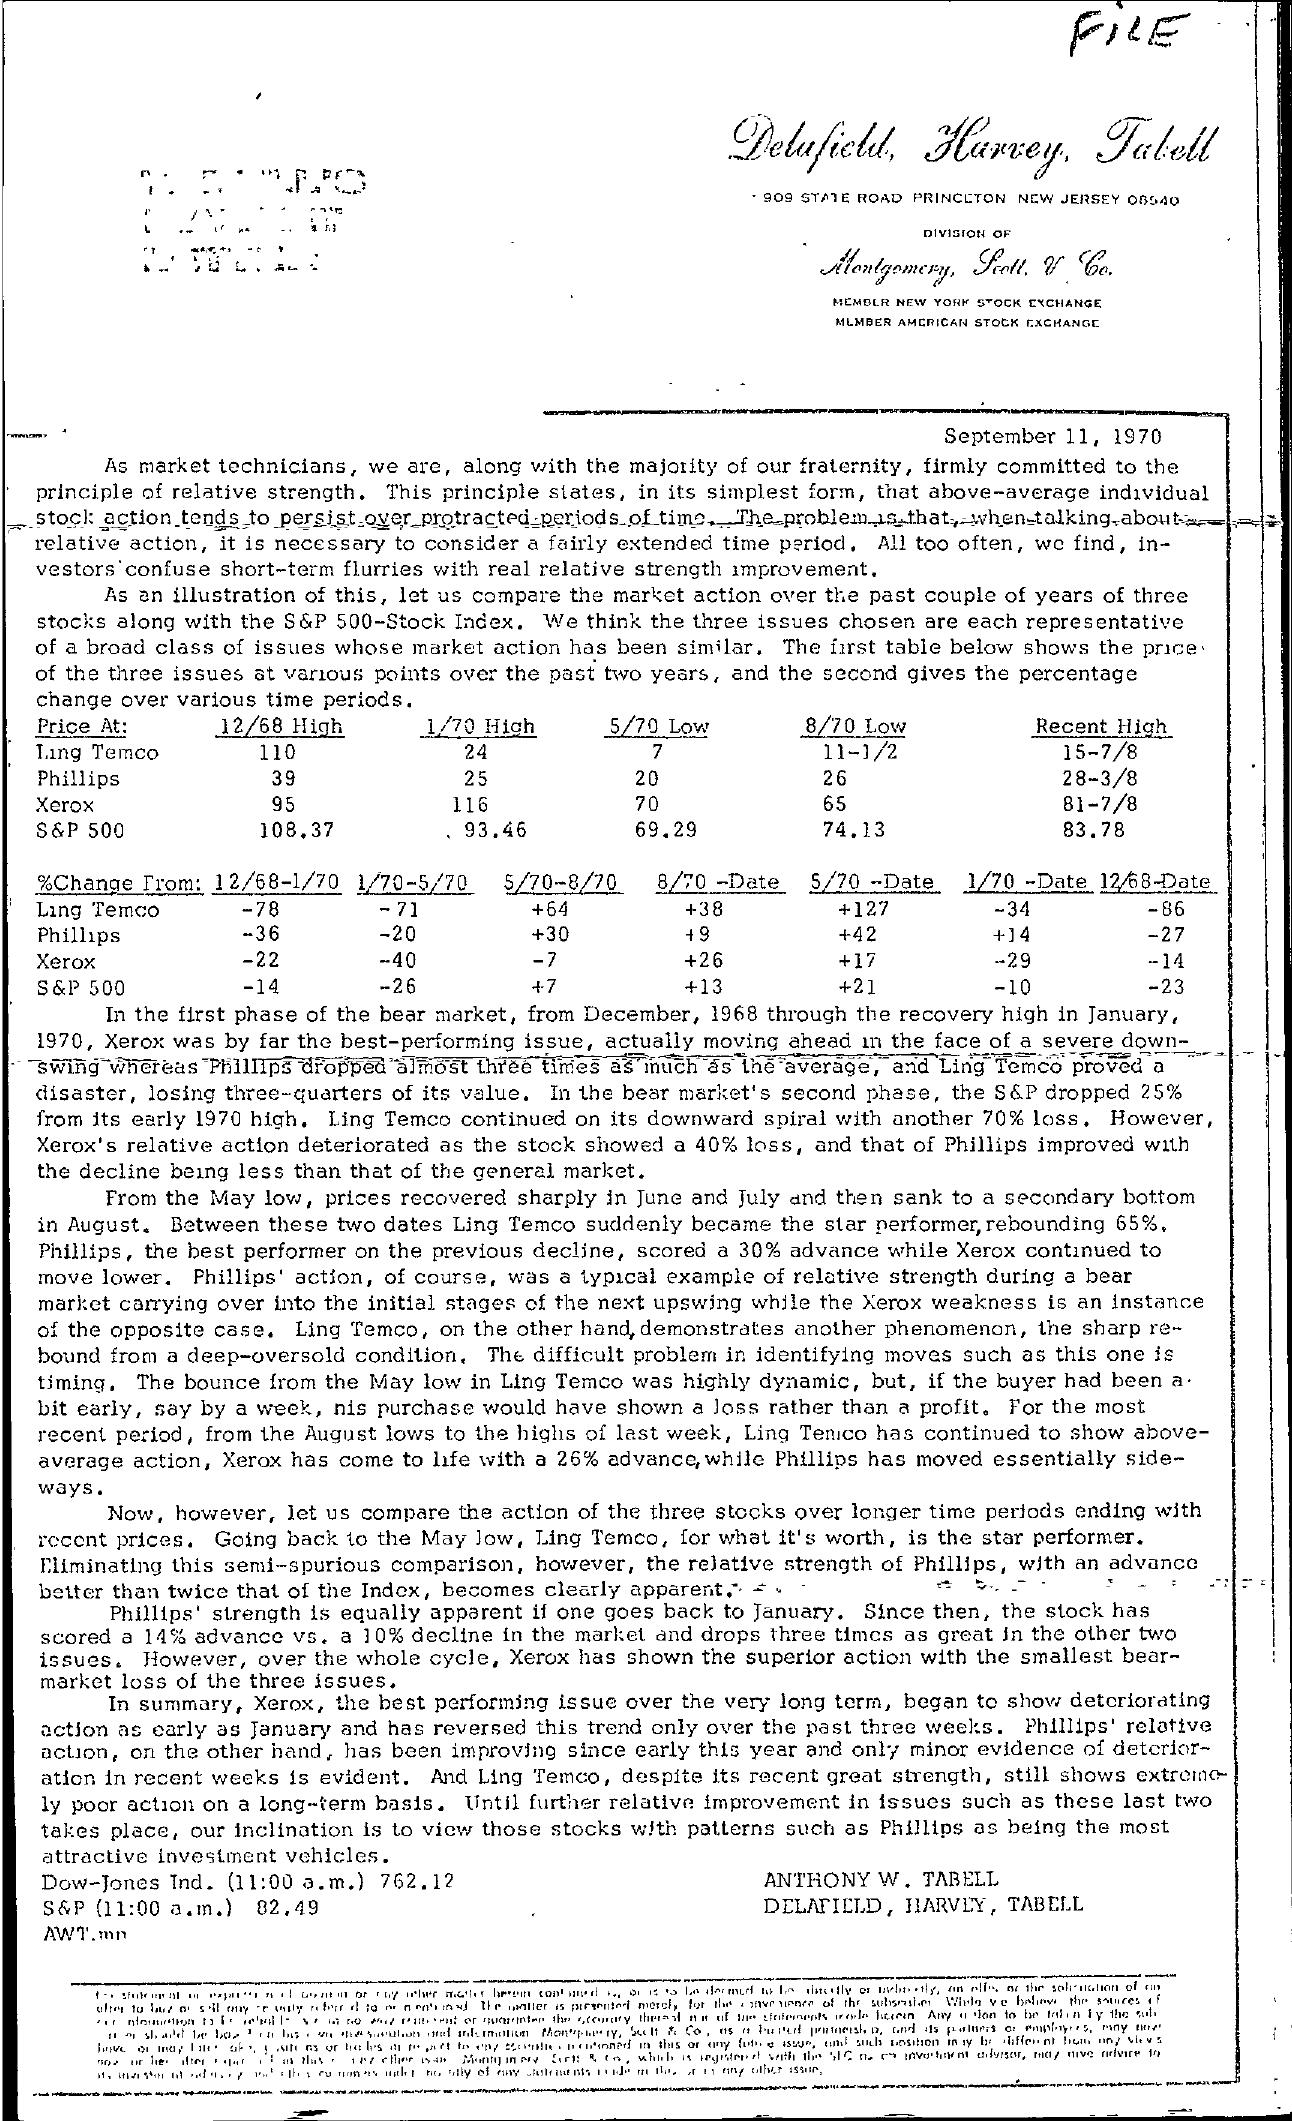 Tabell's Market Letter - September 11, 1970